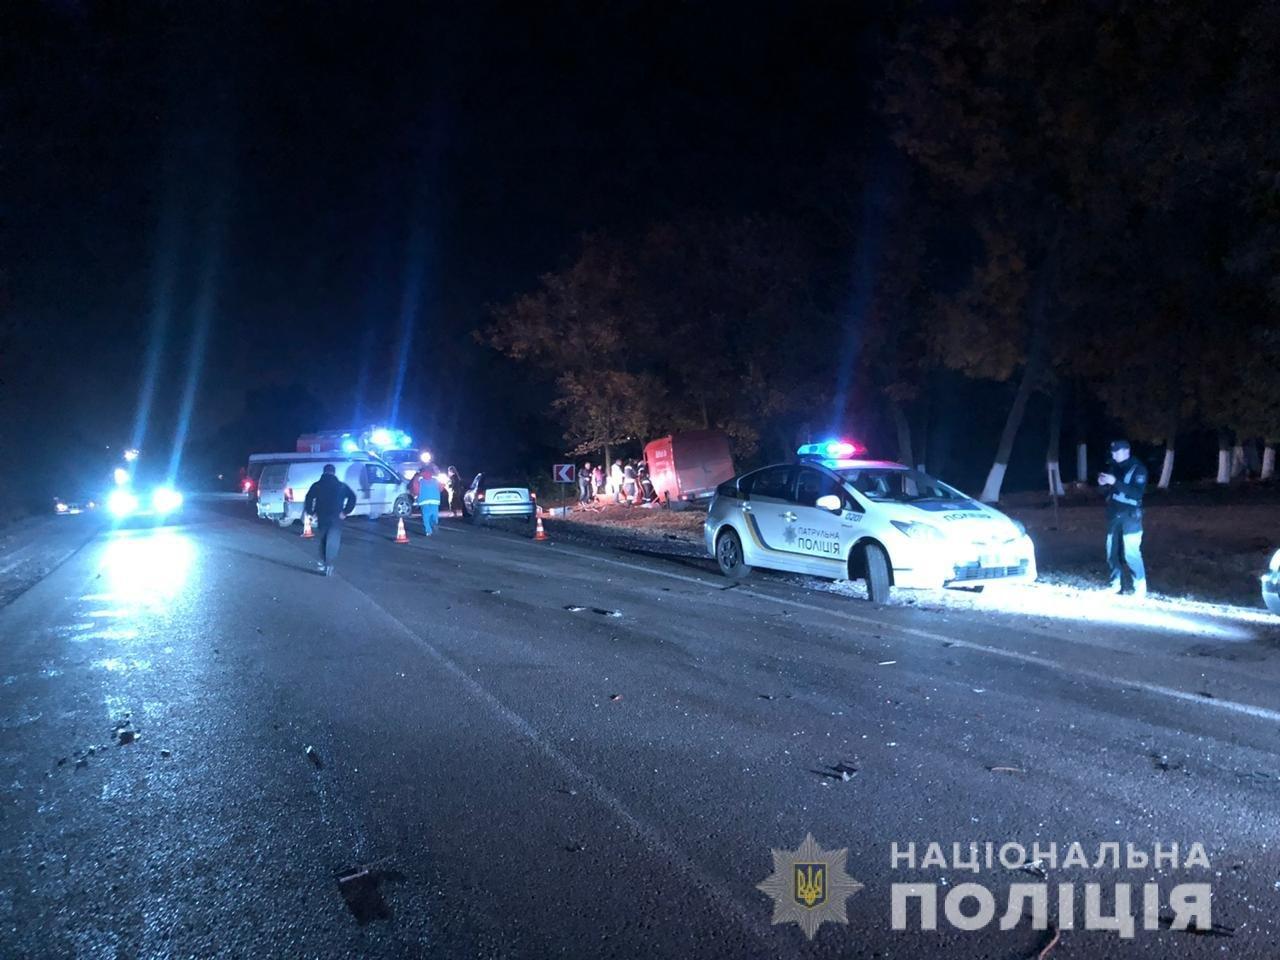 Один погиб, четверо травмировались: в Одесской области произошло ДТП, - ФОТО, фото-2